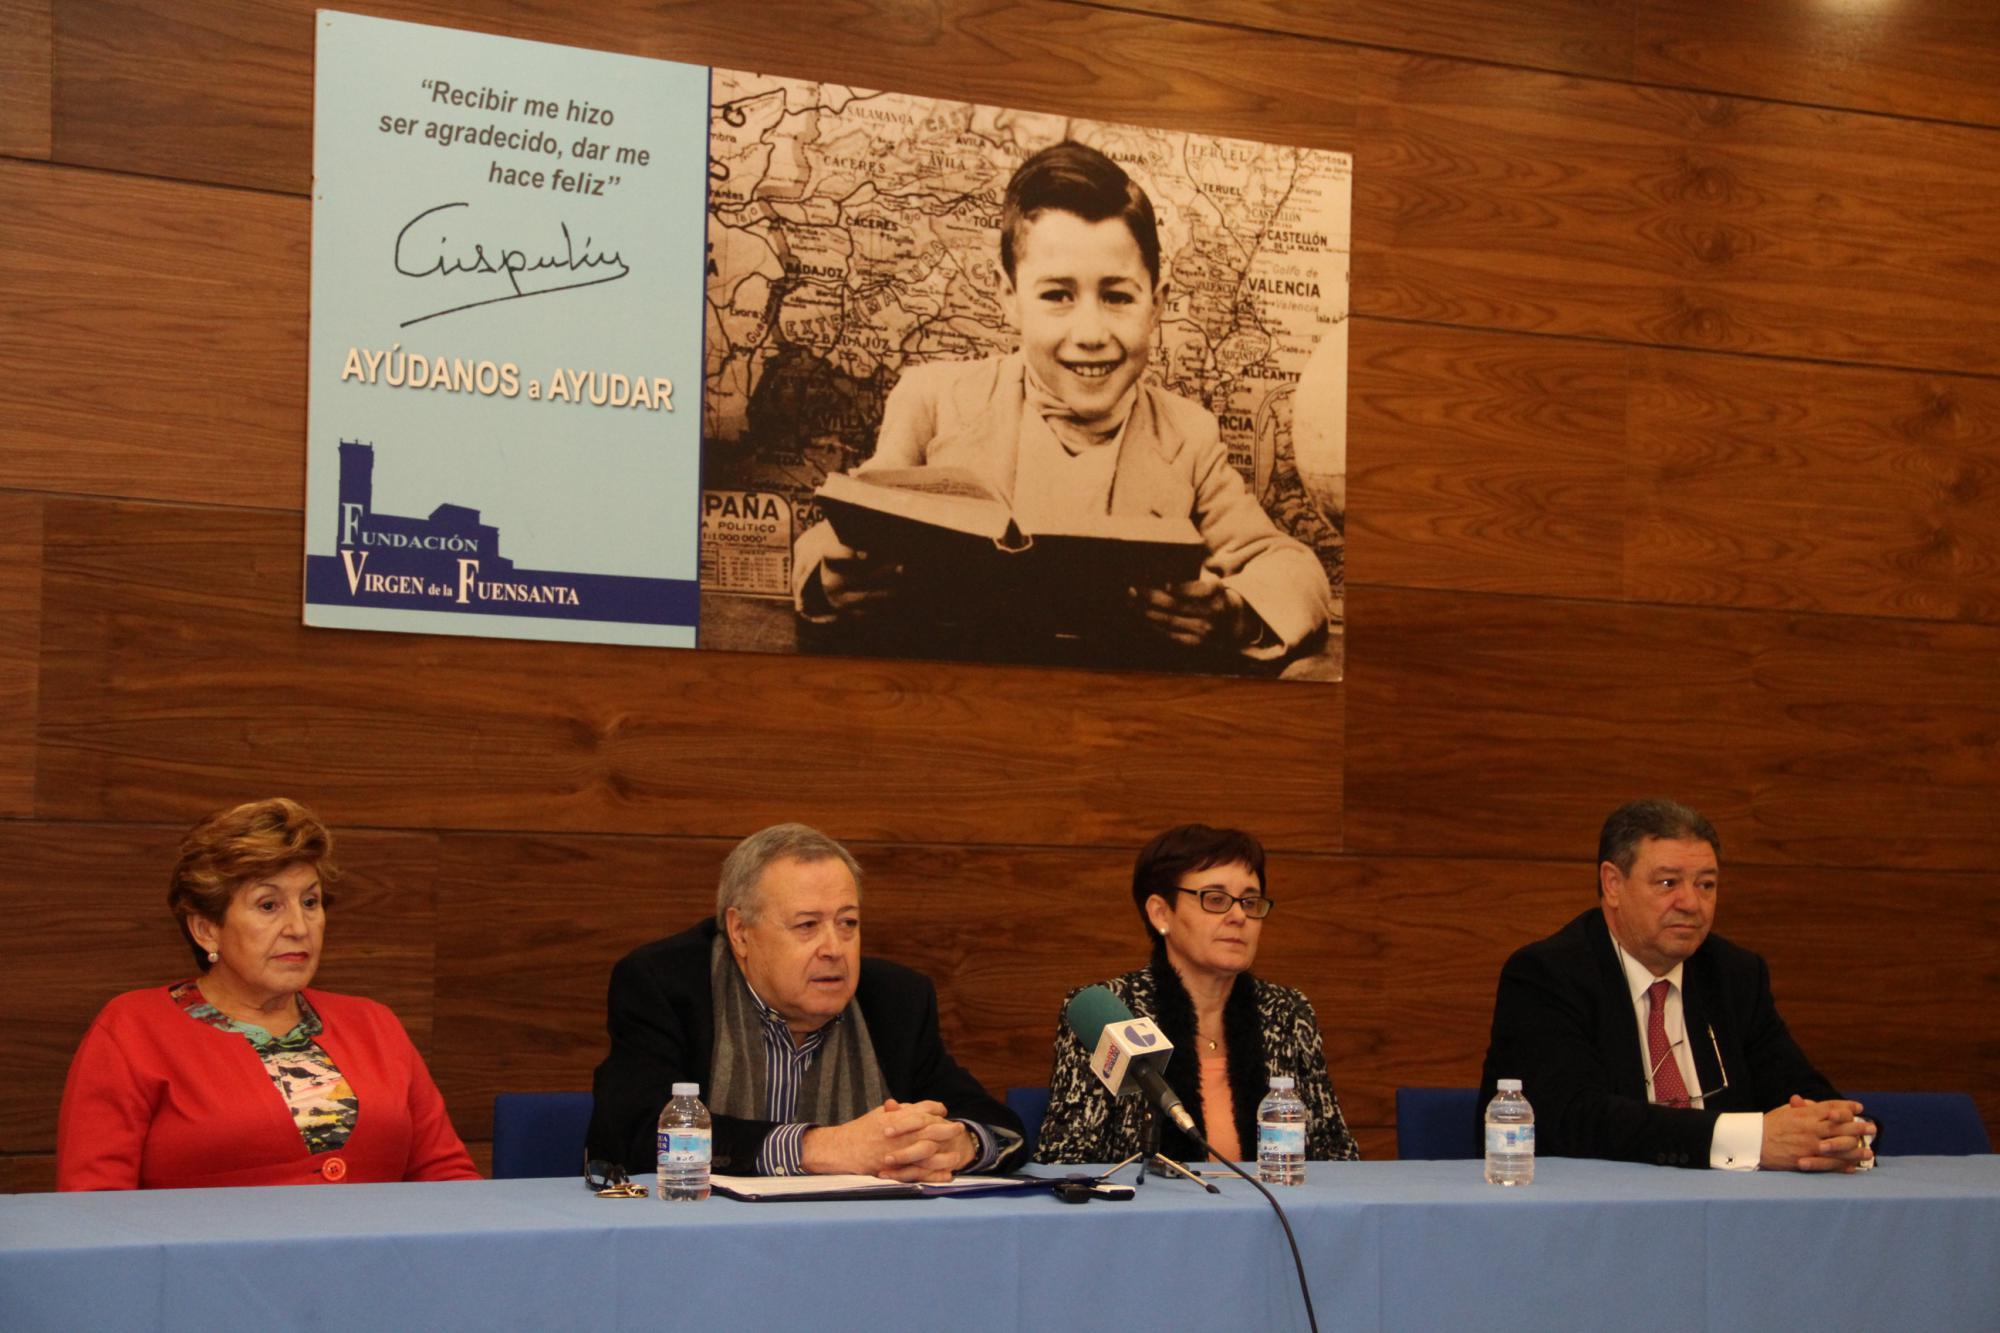 La Fundación Virgen de la Fuensanta da comienzo a su obra social dirigida a los discapacitados físicos castellano-manchegos